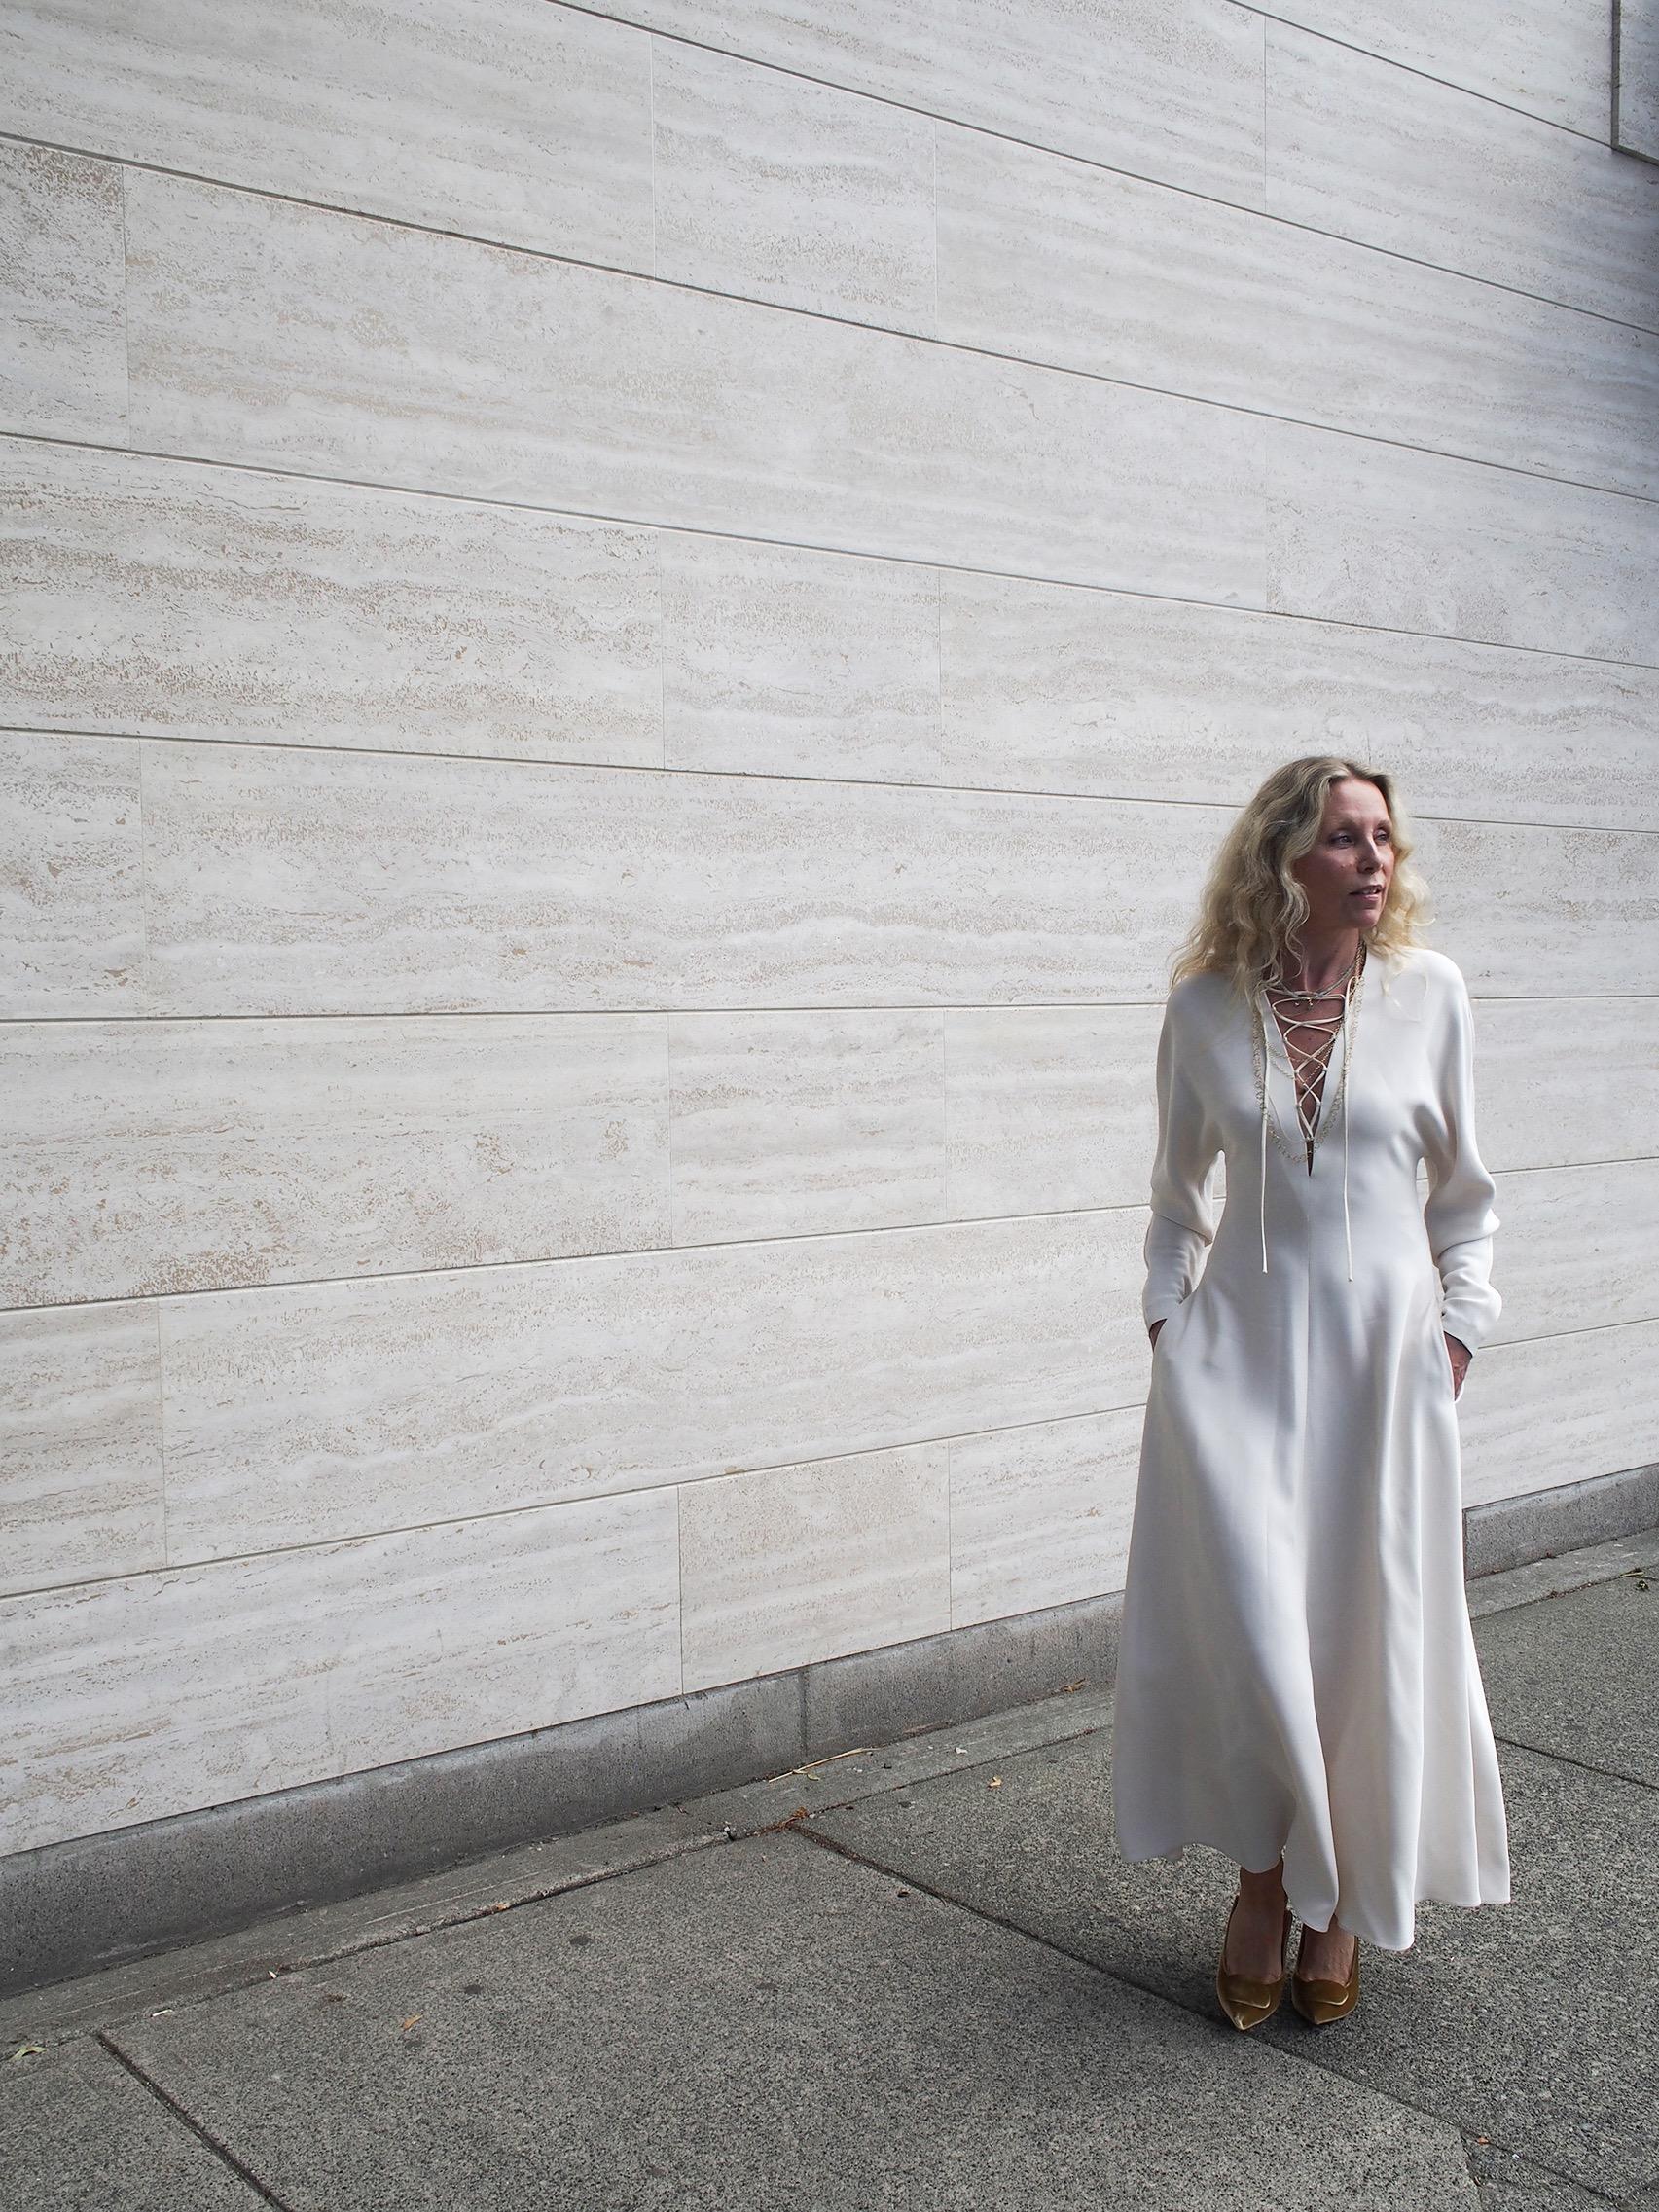 dress: Stella McCartney // jewellery: Liselott Montesano // shoes: Rupert Sanderson